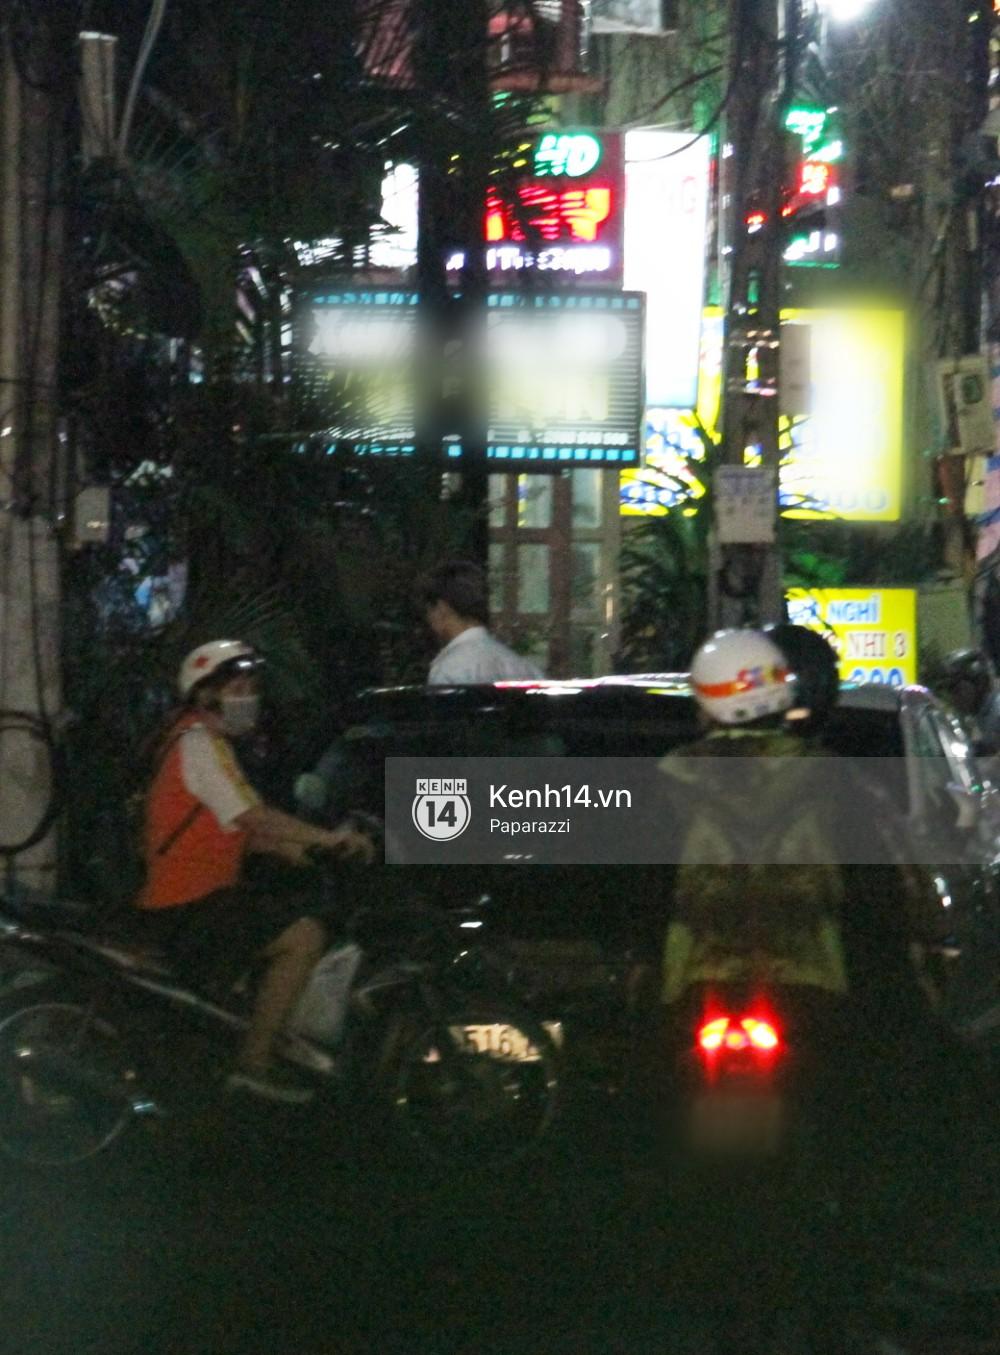 Cập nhật giữa tâm bão: Tim tậu xe hơi mới trong lúc Trương Quỳnh Anh đưa con trai đi học bằng xe máy - Ảnh 6.